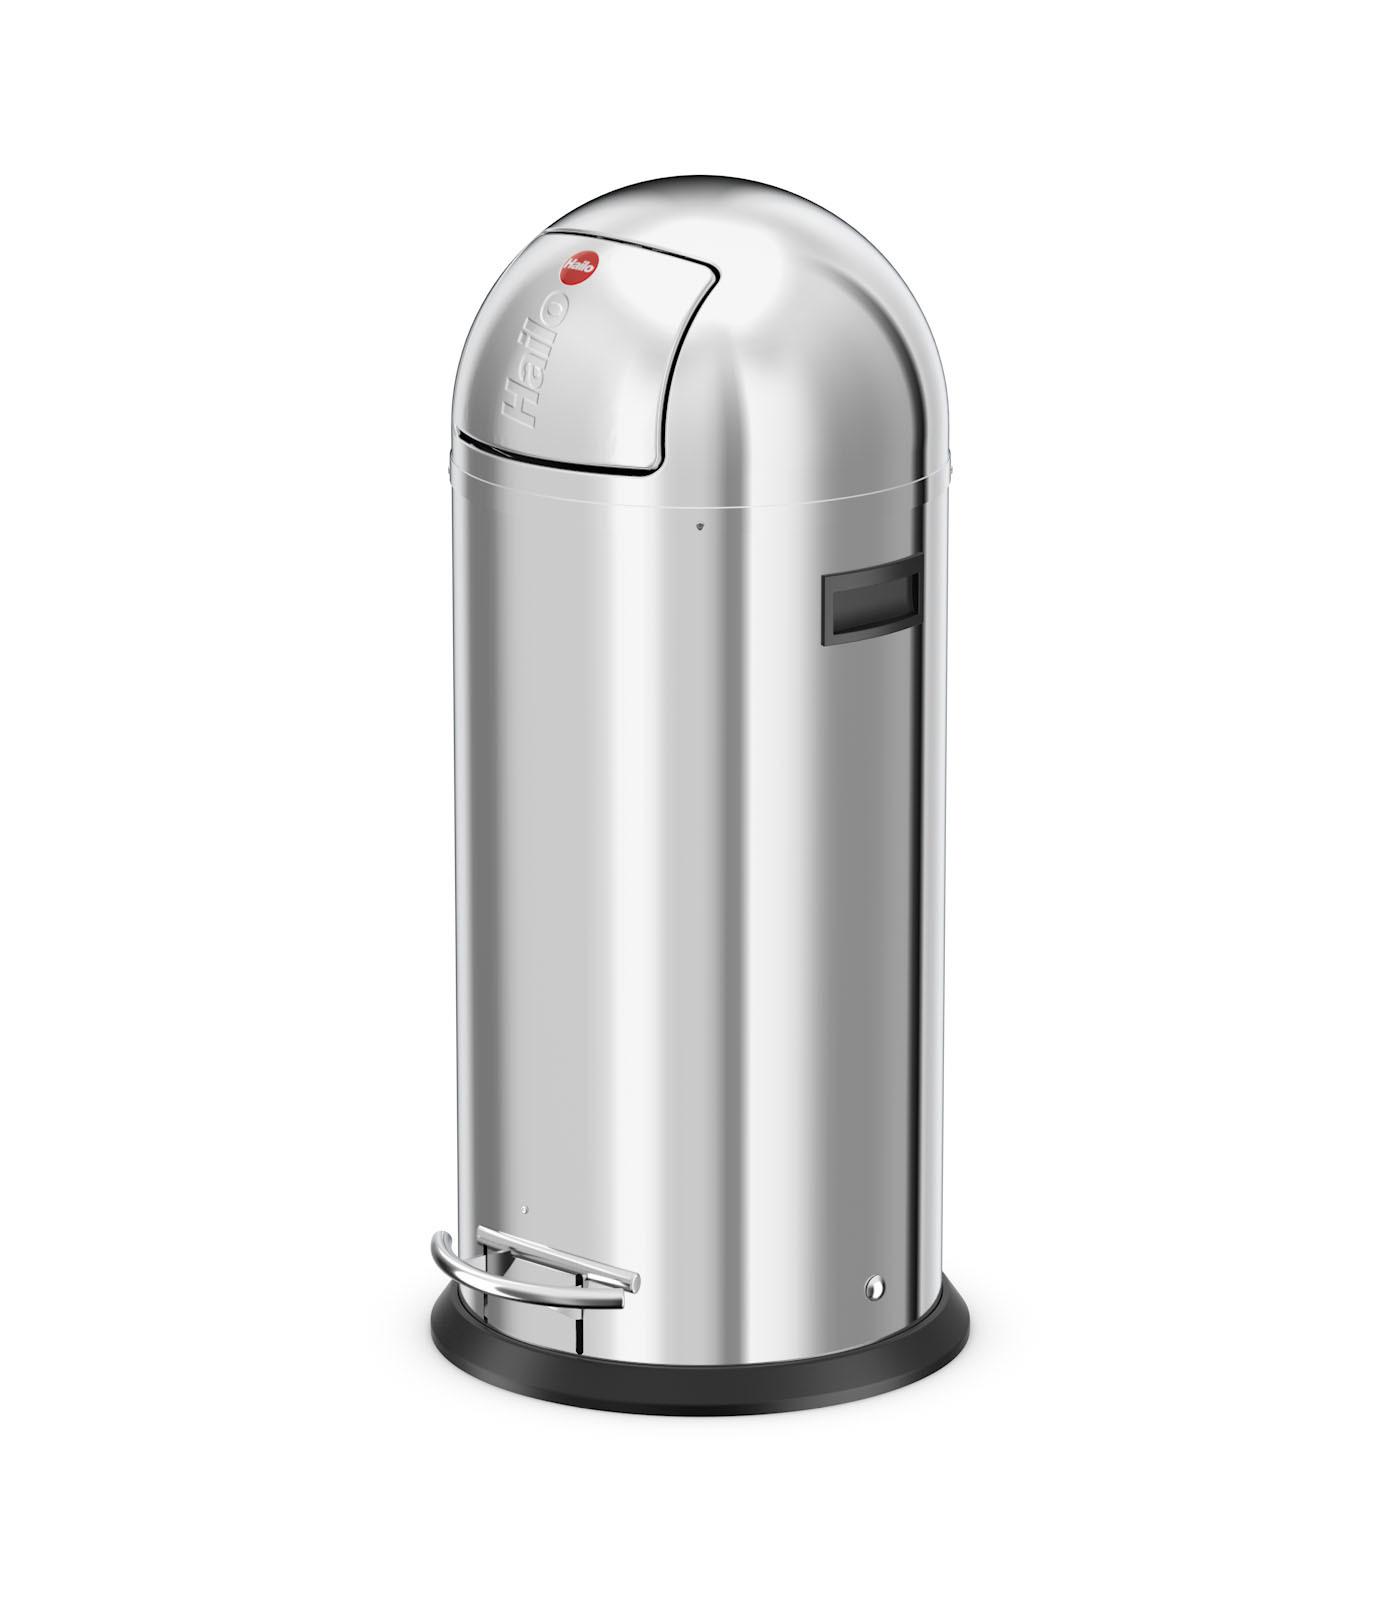 Abfalleimer Küche 60 Liter | Haushalt Buro Hailo